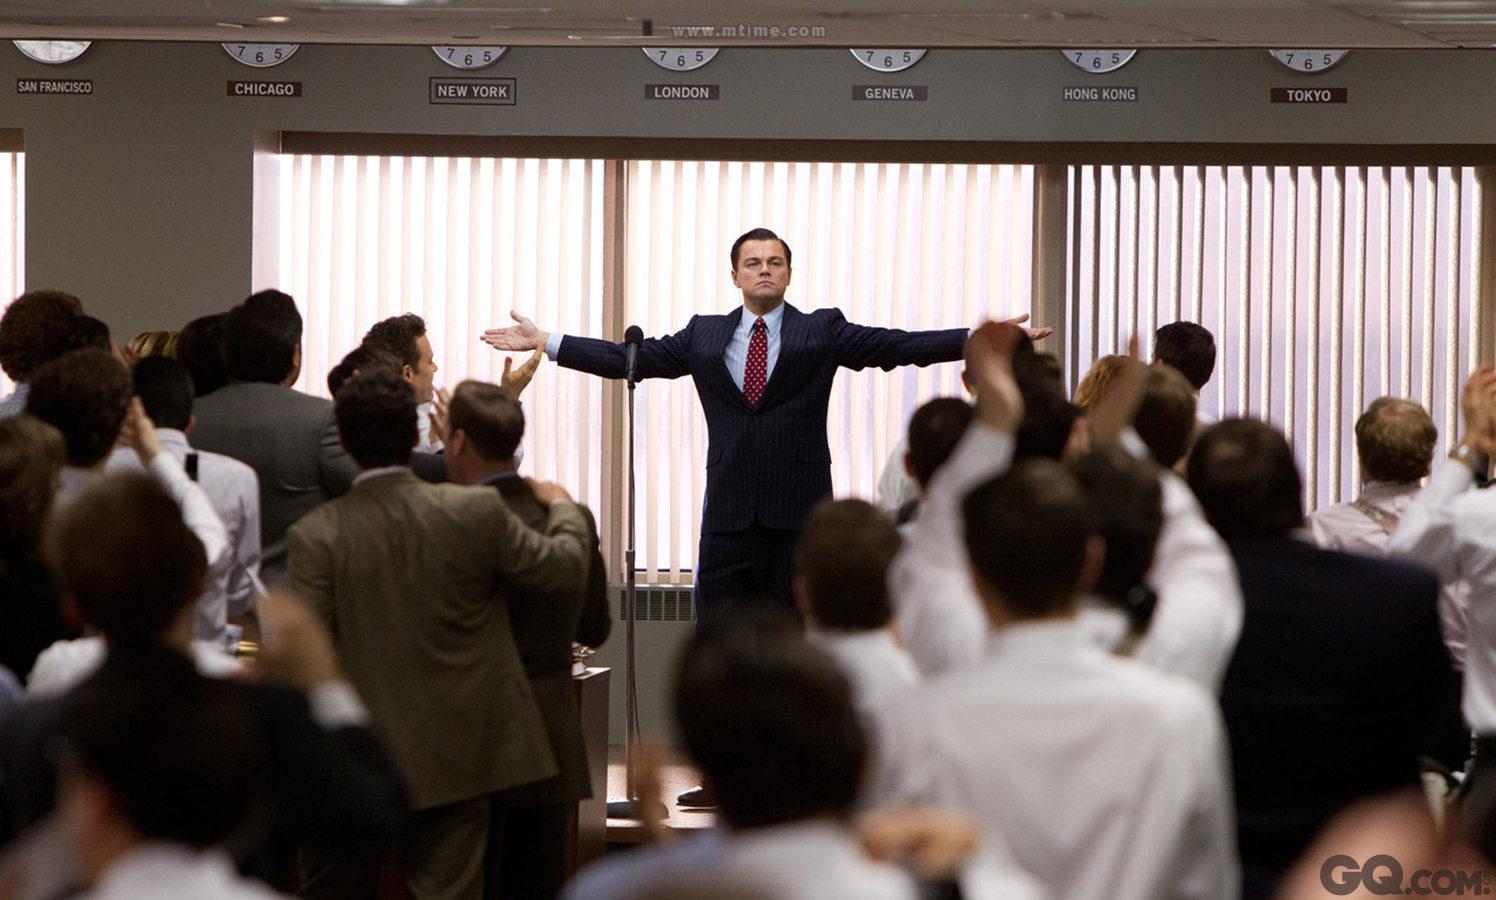 《华尔街之狼》(最佳男主角提名) 最终获奖者:《达拉斯买家俱乐部》马修·麦康纳 错失原因:优势不足,用力过猛 三次落败后,小李子陪跑声名渐起。此后的7年,他不惜自毁形象磨练演技,接拍的《谎言之躯》《革命之路》《盗梦空间》等几乎部部好评。2014年,与马丁·西科塞斯第五度合作的《华尔街之狼》再度获得了奥斯卡影帝的提名。不过,有人认为其求胜心切,演技过于张扬。而《达拉斯买家俱乐部》中的马修·麦康纳为角色暴瘦42斤,同样是帅哥走自毁路线,小李子显然没有后者毁得彻底。